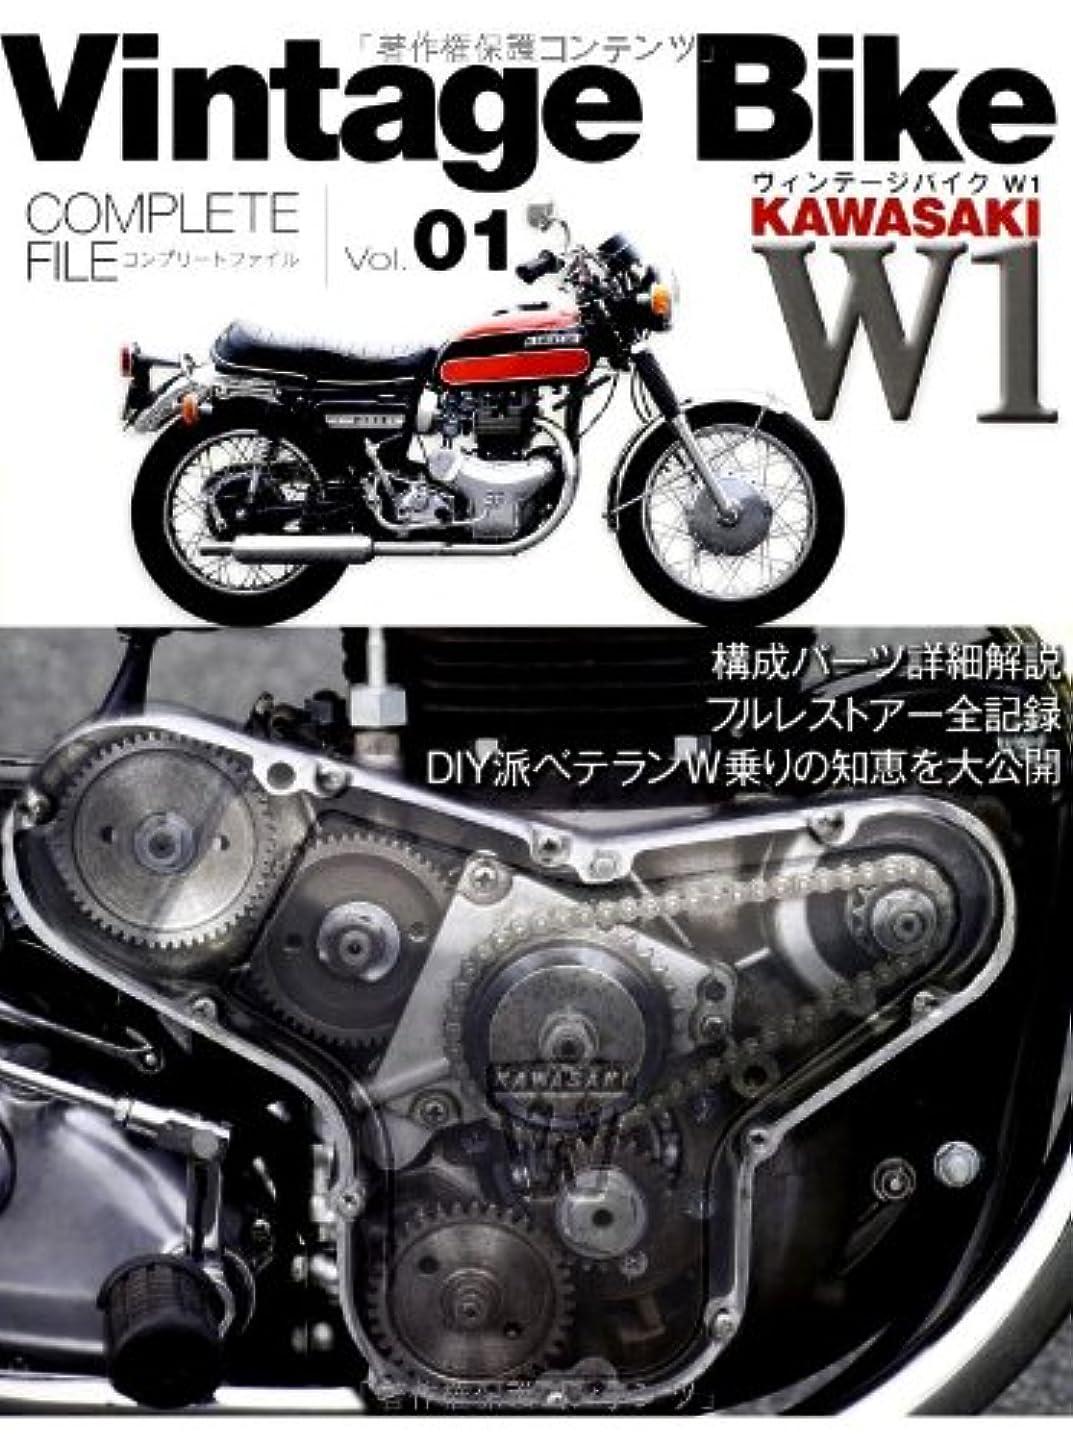 故障衝突する操縦するヴィンテージバイク W1 (COMPLETE FILE Vol. 1)